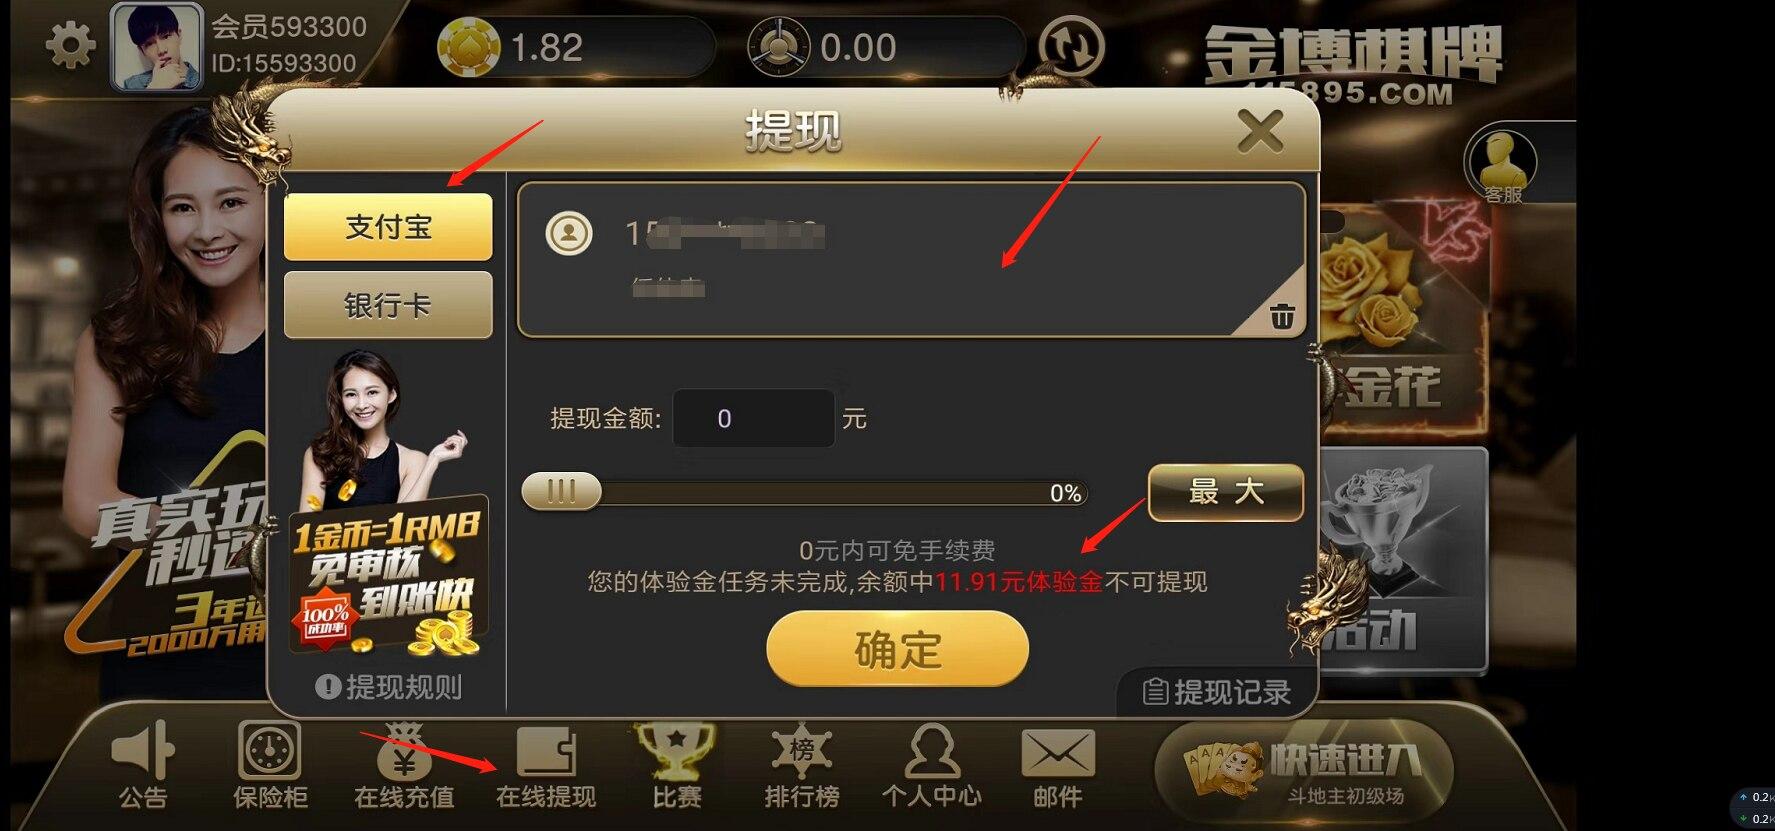 金博qp:注册绑定支付宝送10元 秒提现支付宝?插图(1)